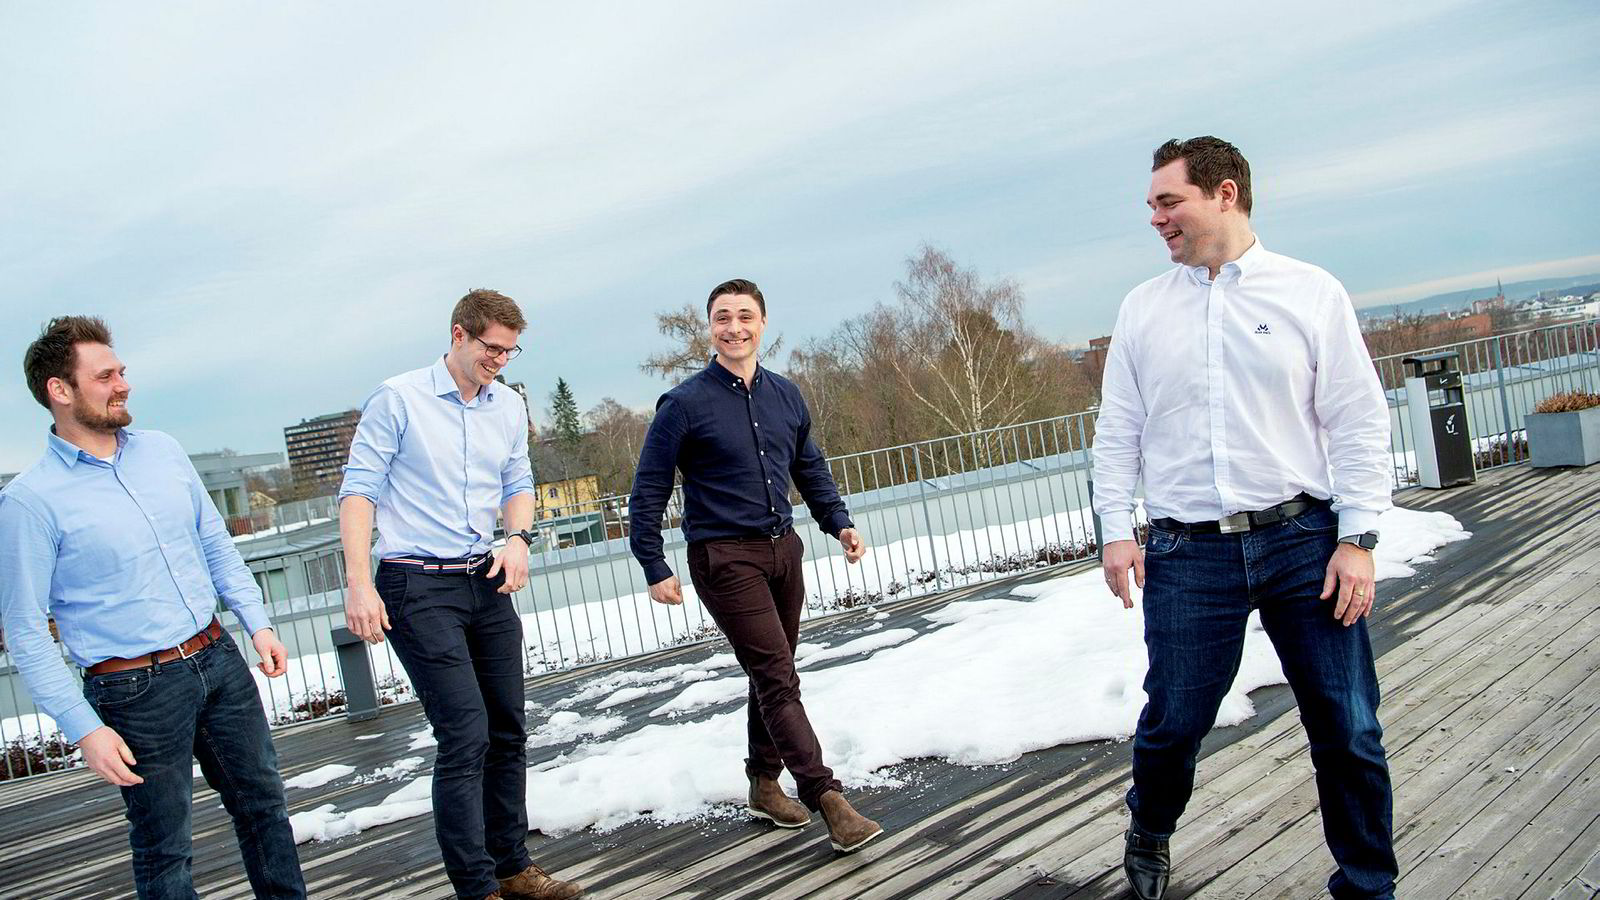 – Vi har særlig mange kunder fra bransjer med store endringer eller store reguleringskrav, sier Magnus Valmot, administrerende direktør i Ardoq (nummer to fra venstre), her med teknologisjef og gründer Erik Bakstad (til venstre), Kristian Øvsthus, partner i Idekapital (midten), og Magnulf Pilskog, gründer og innovasjonssjef.